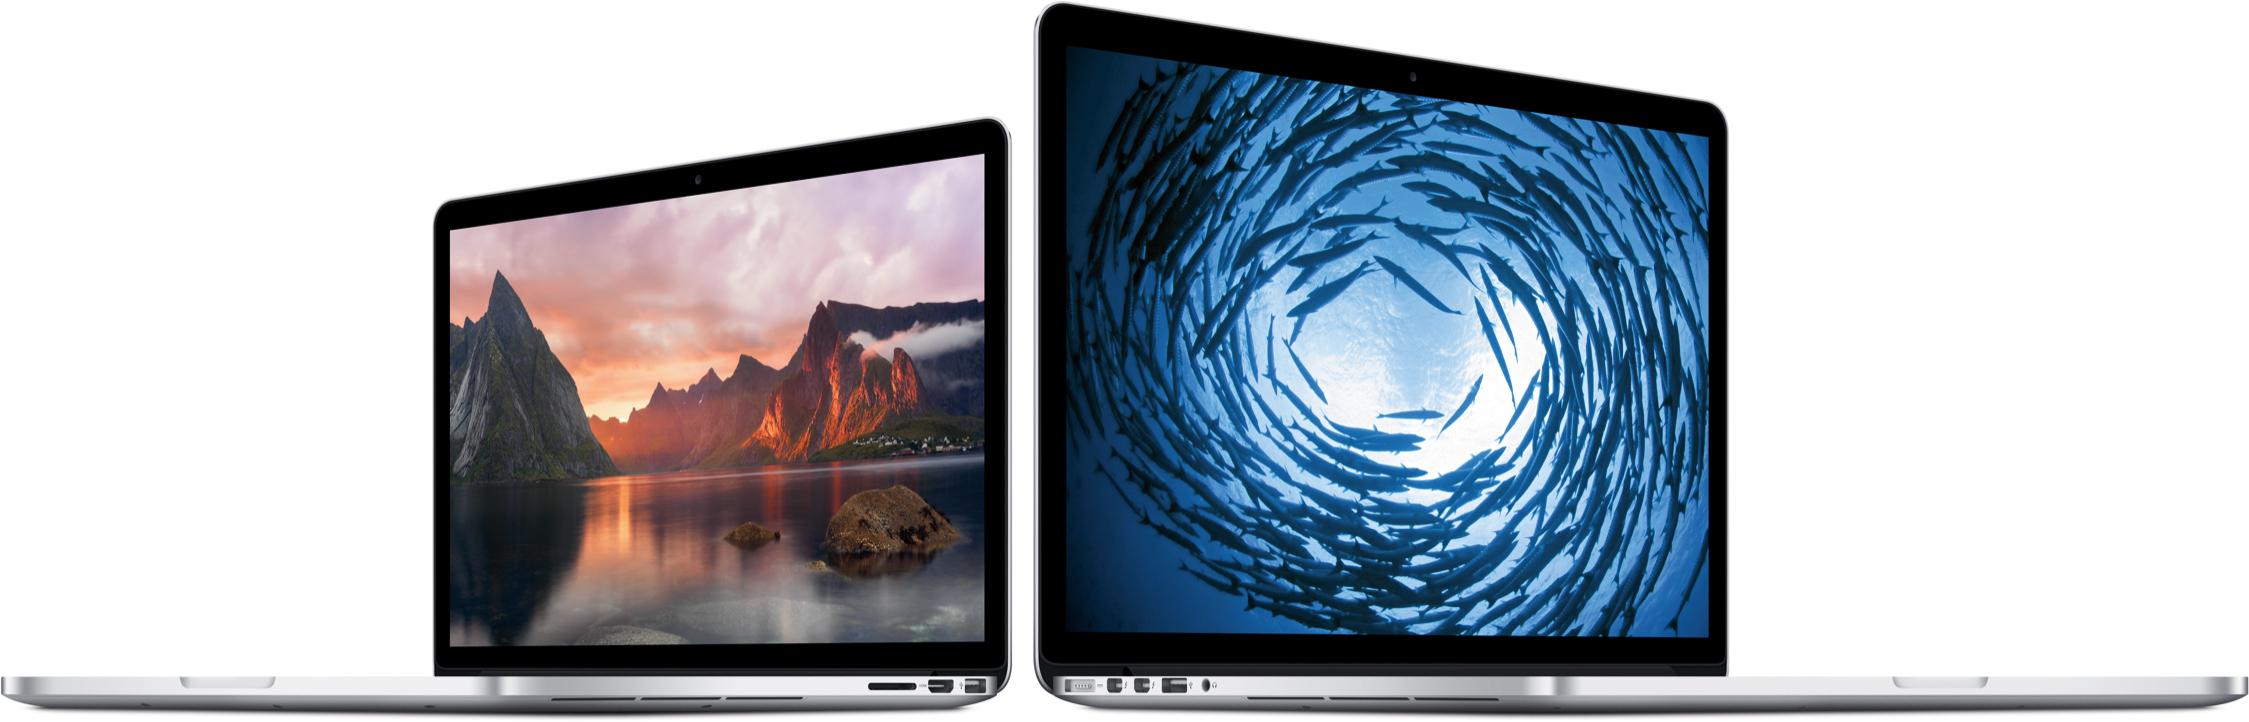 Novos MacBooks Pro com tela Retina lado a lado